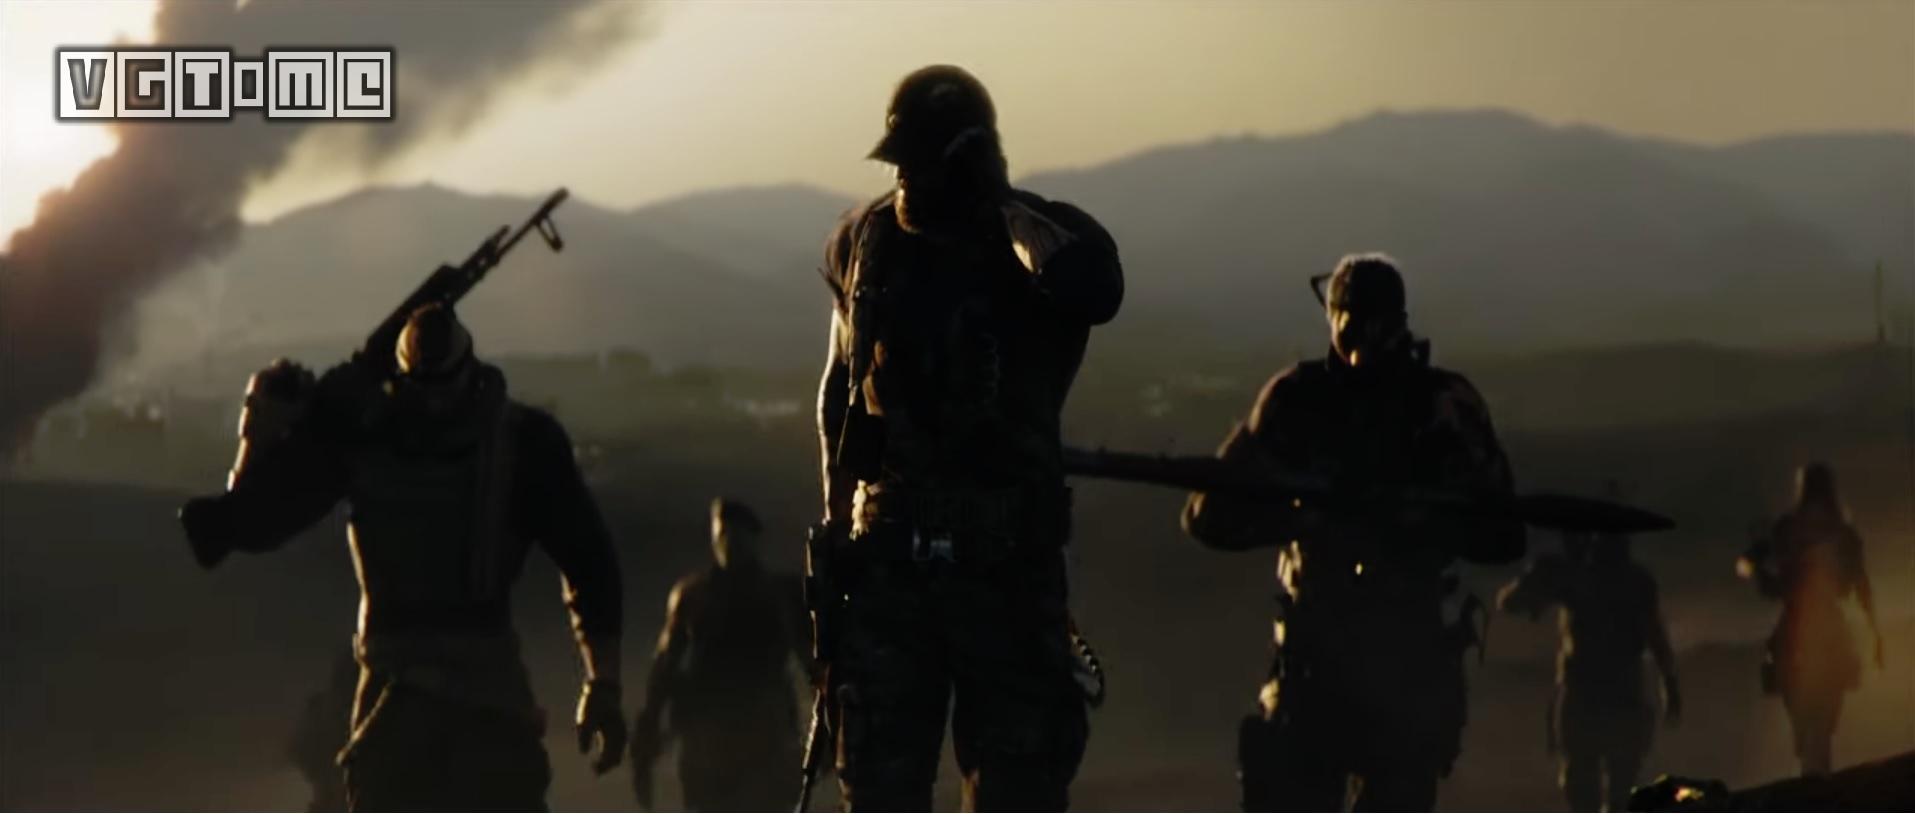 索尼影业获得《穿越火线》电影改编权 制片人员敲定